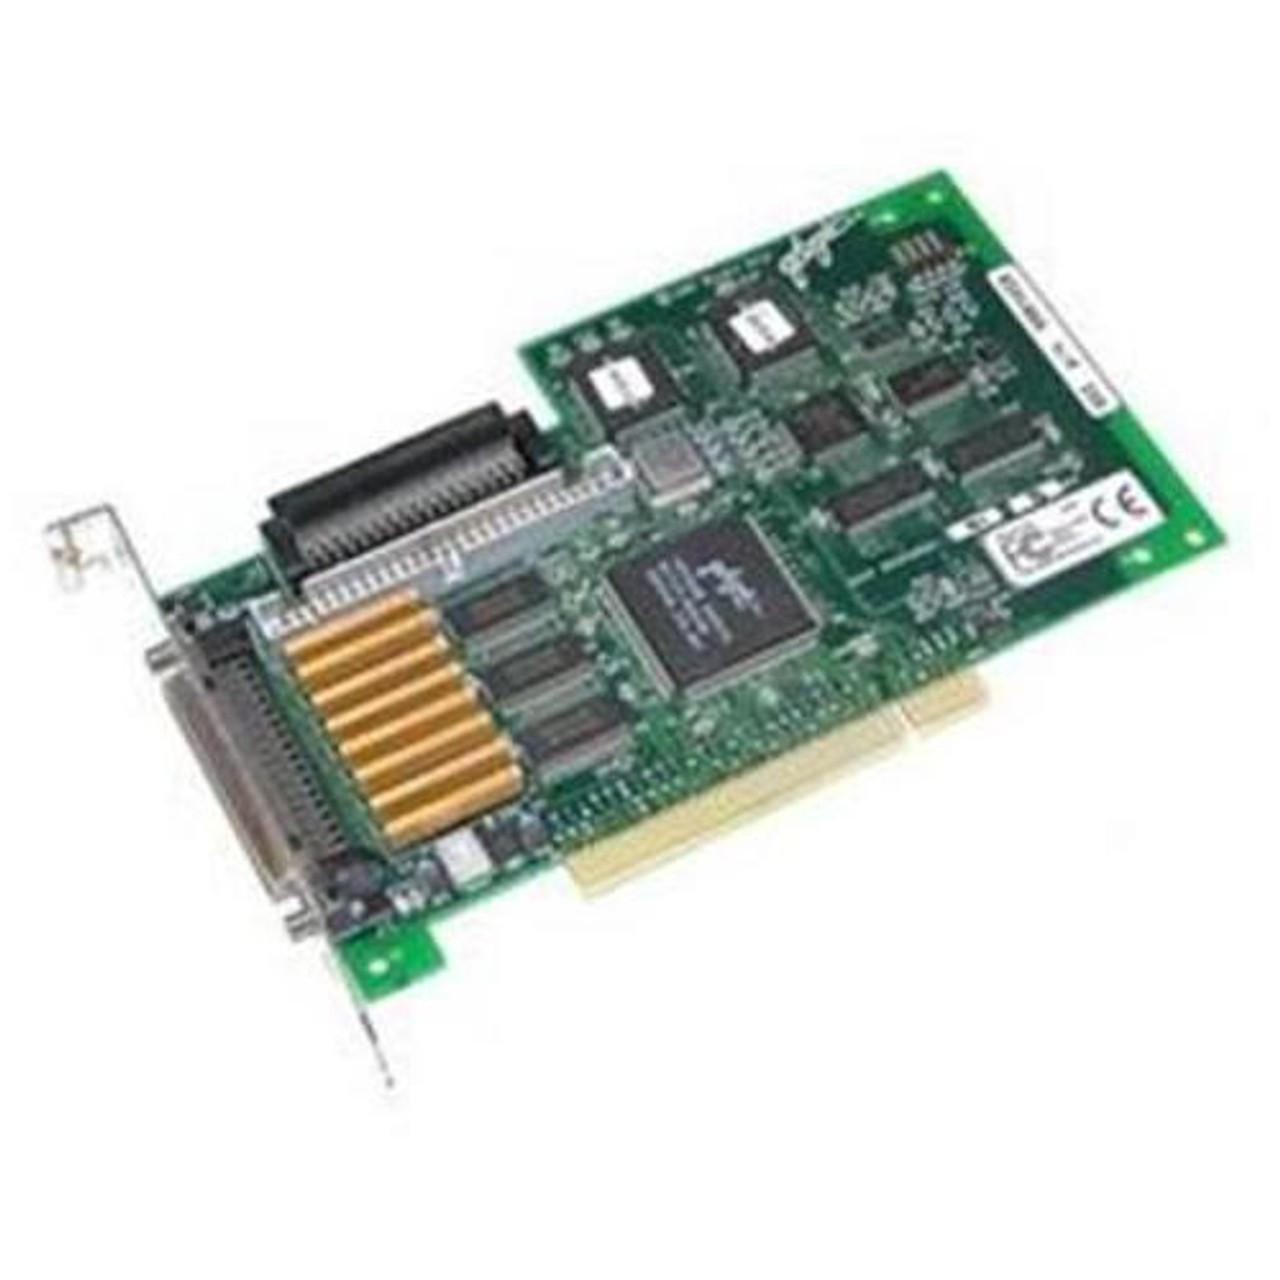 30-56622-01 QLogic PCI Ultra Wide SCSI Adapter